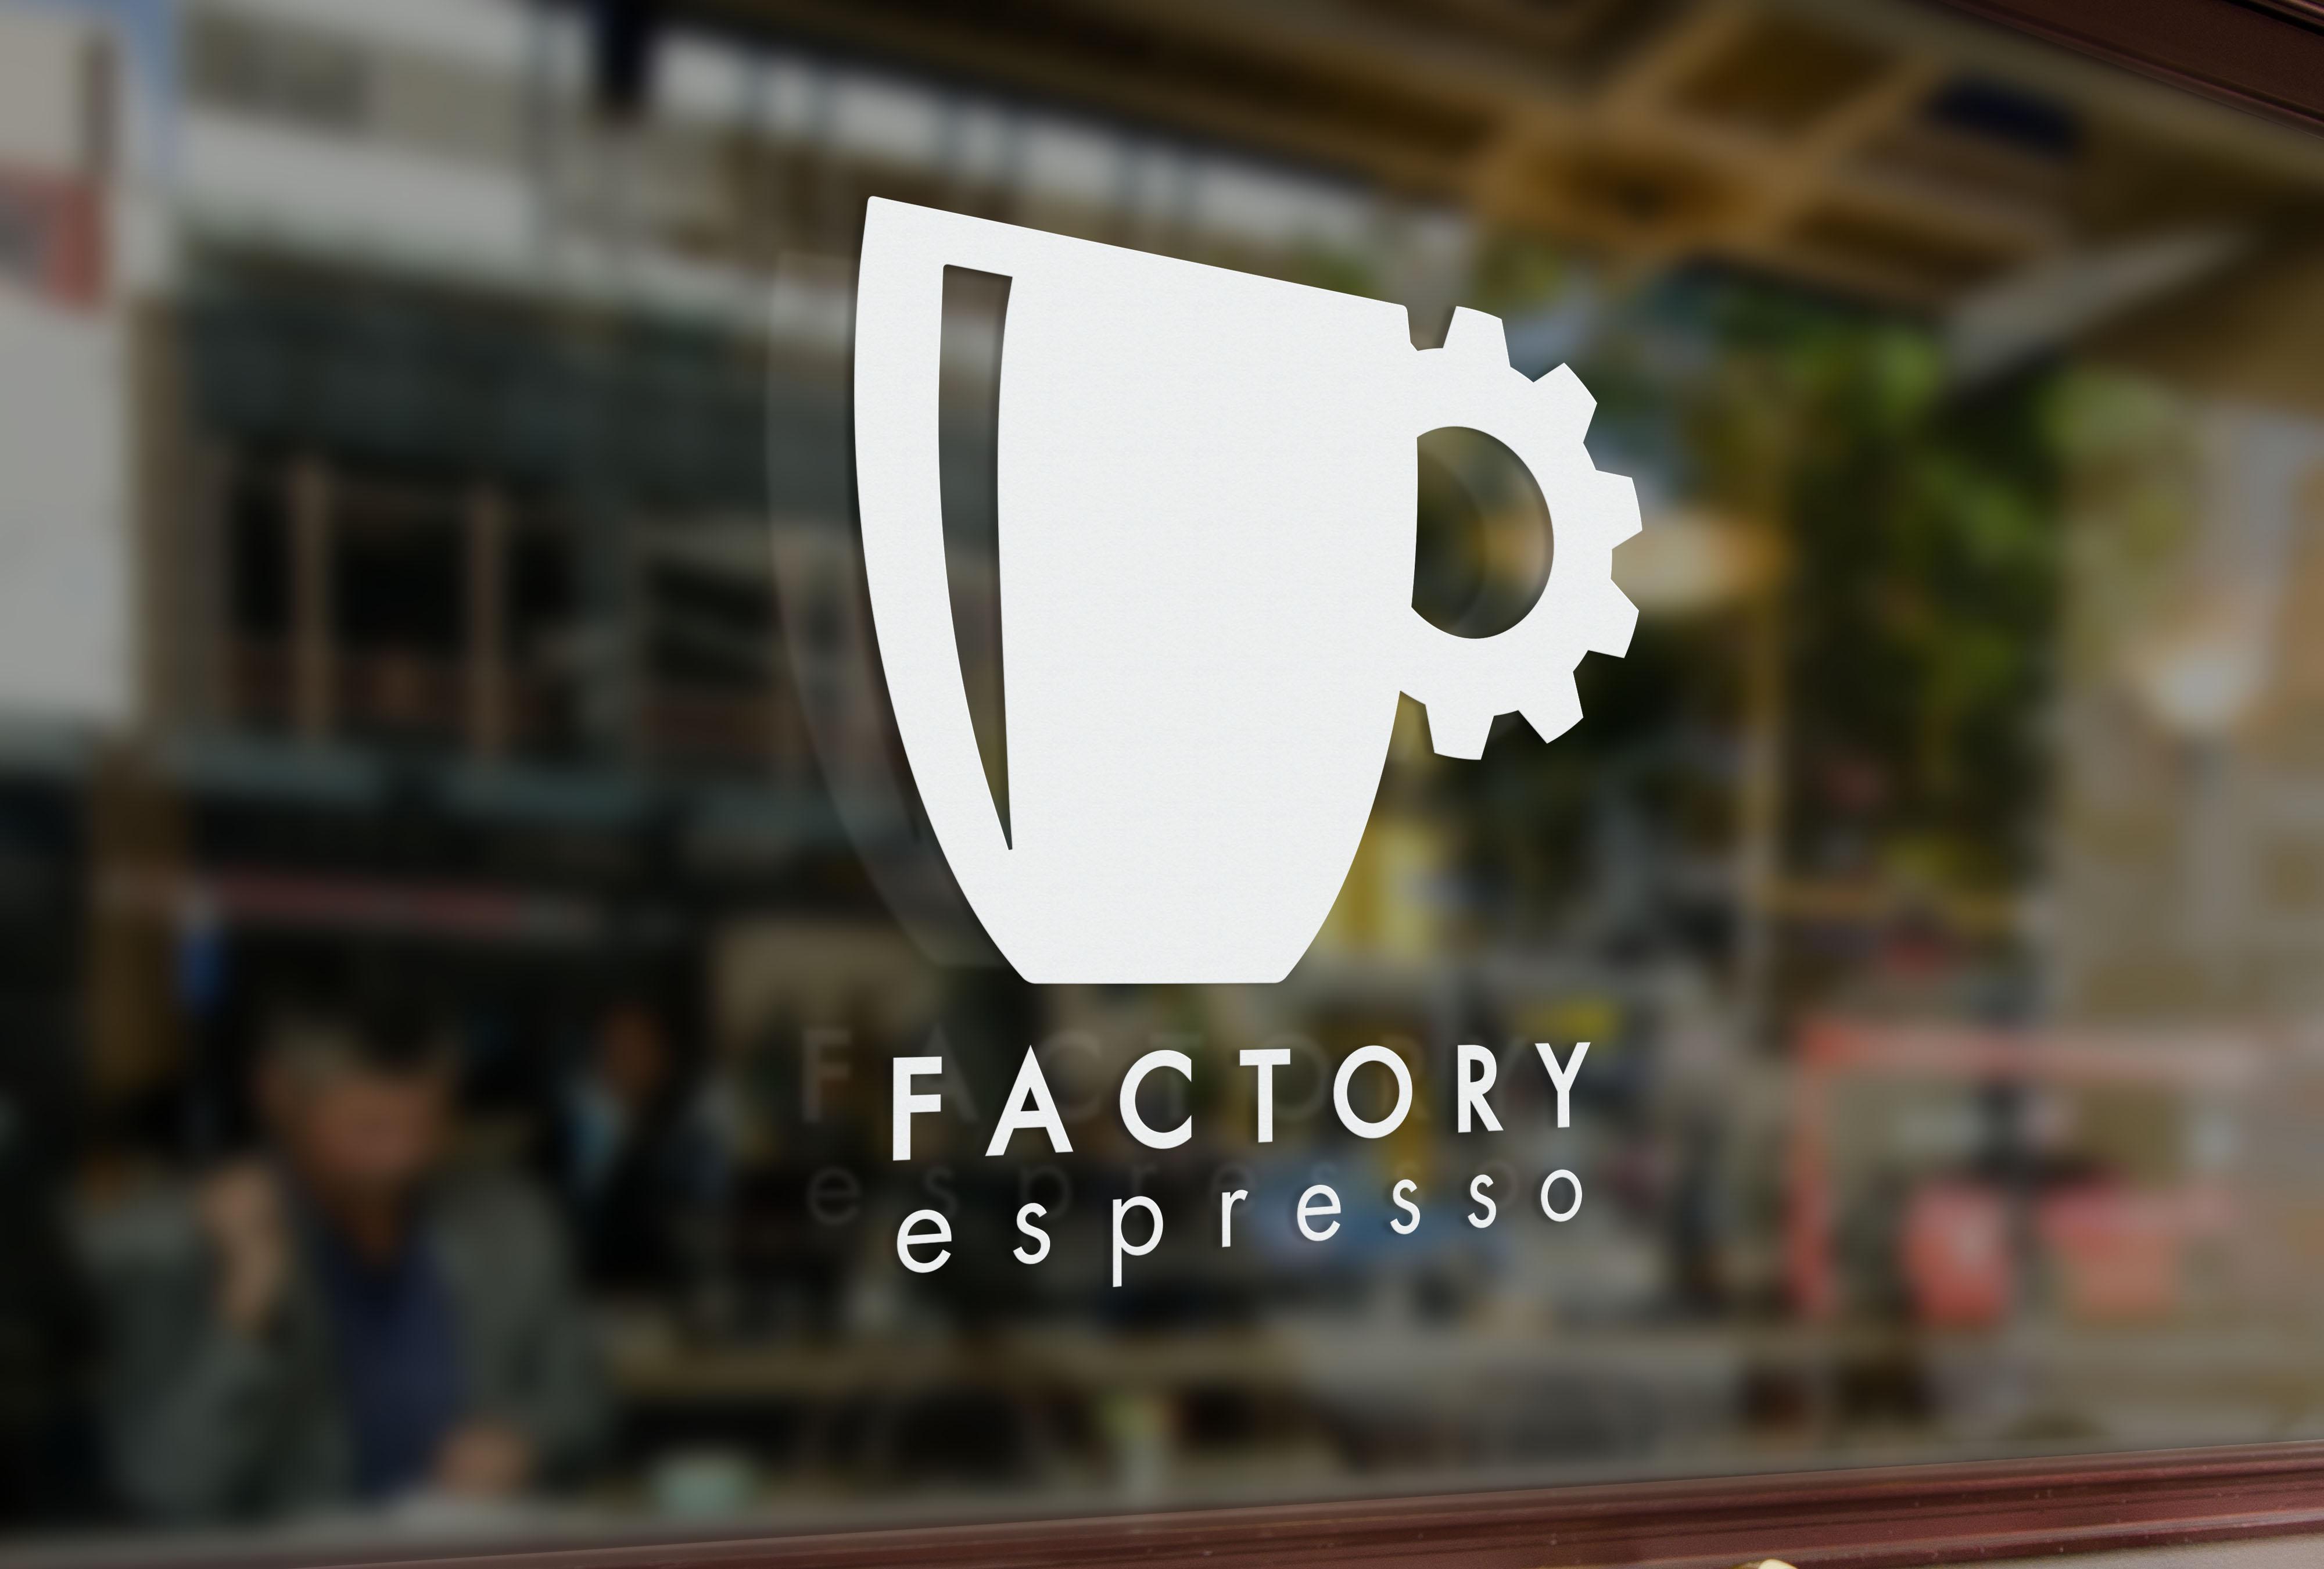 Factory Espresso Branding